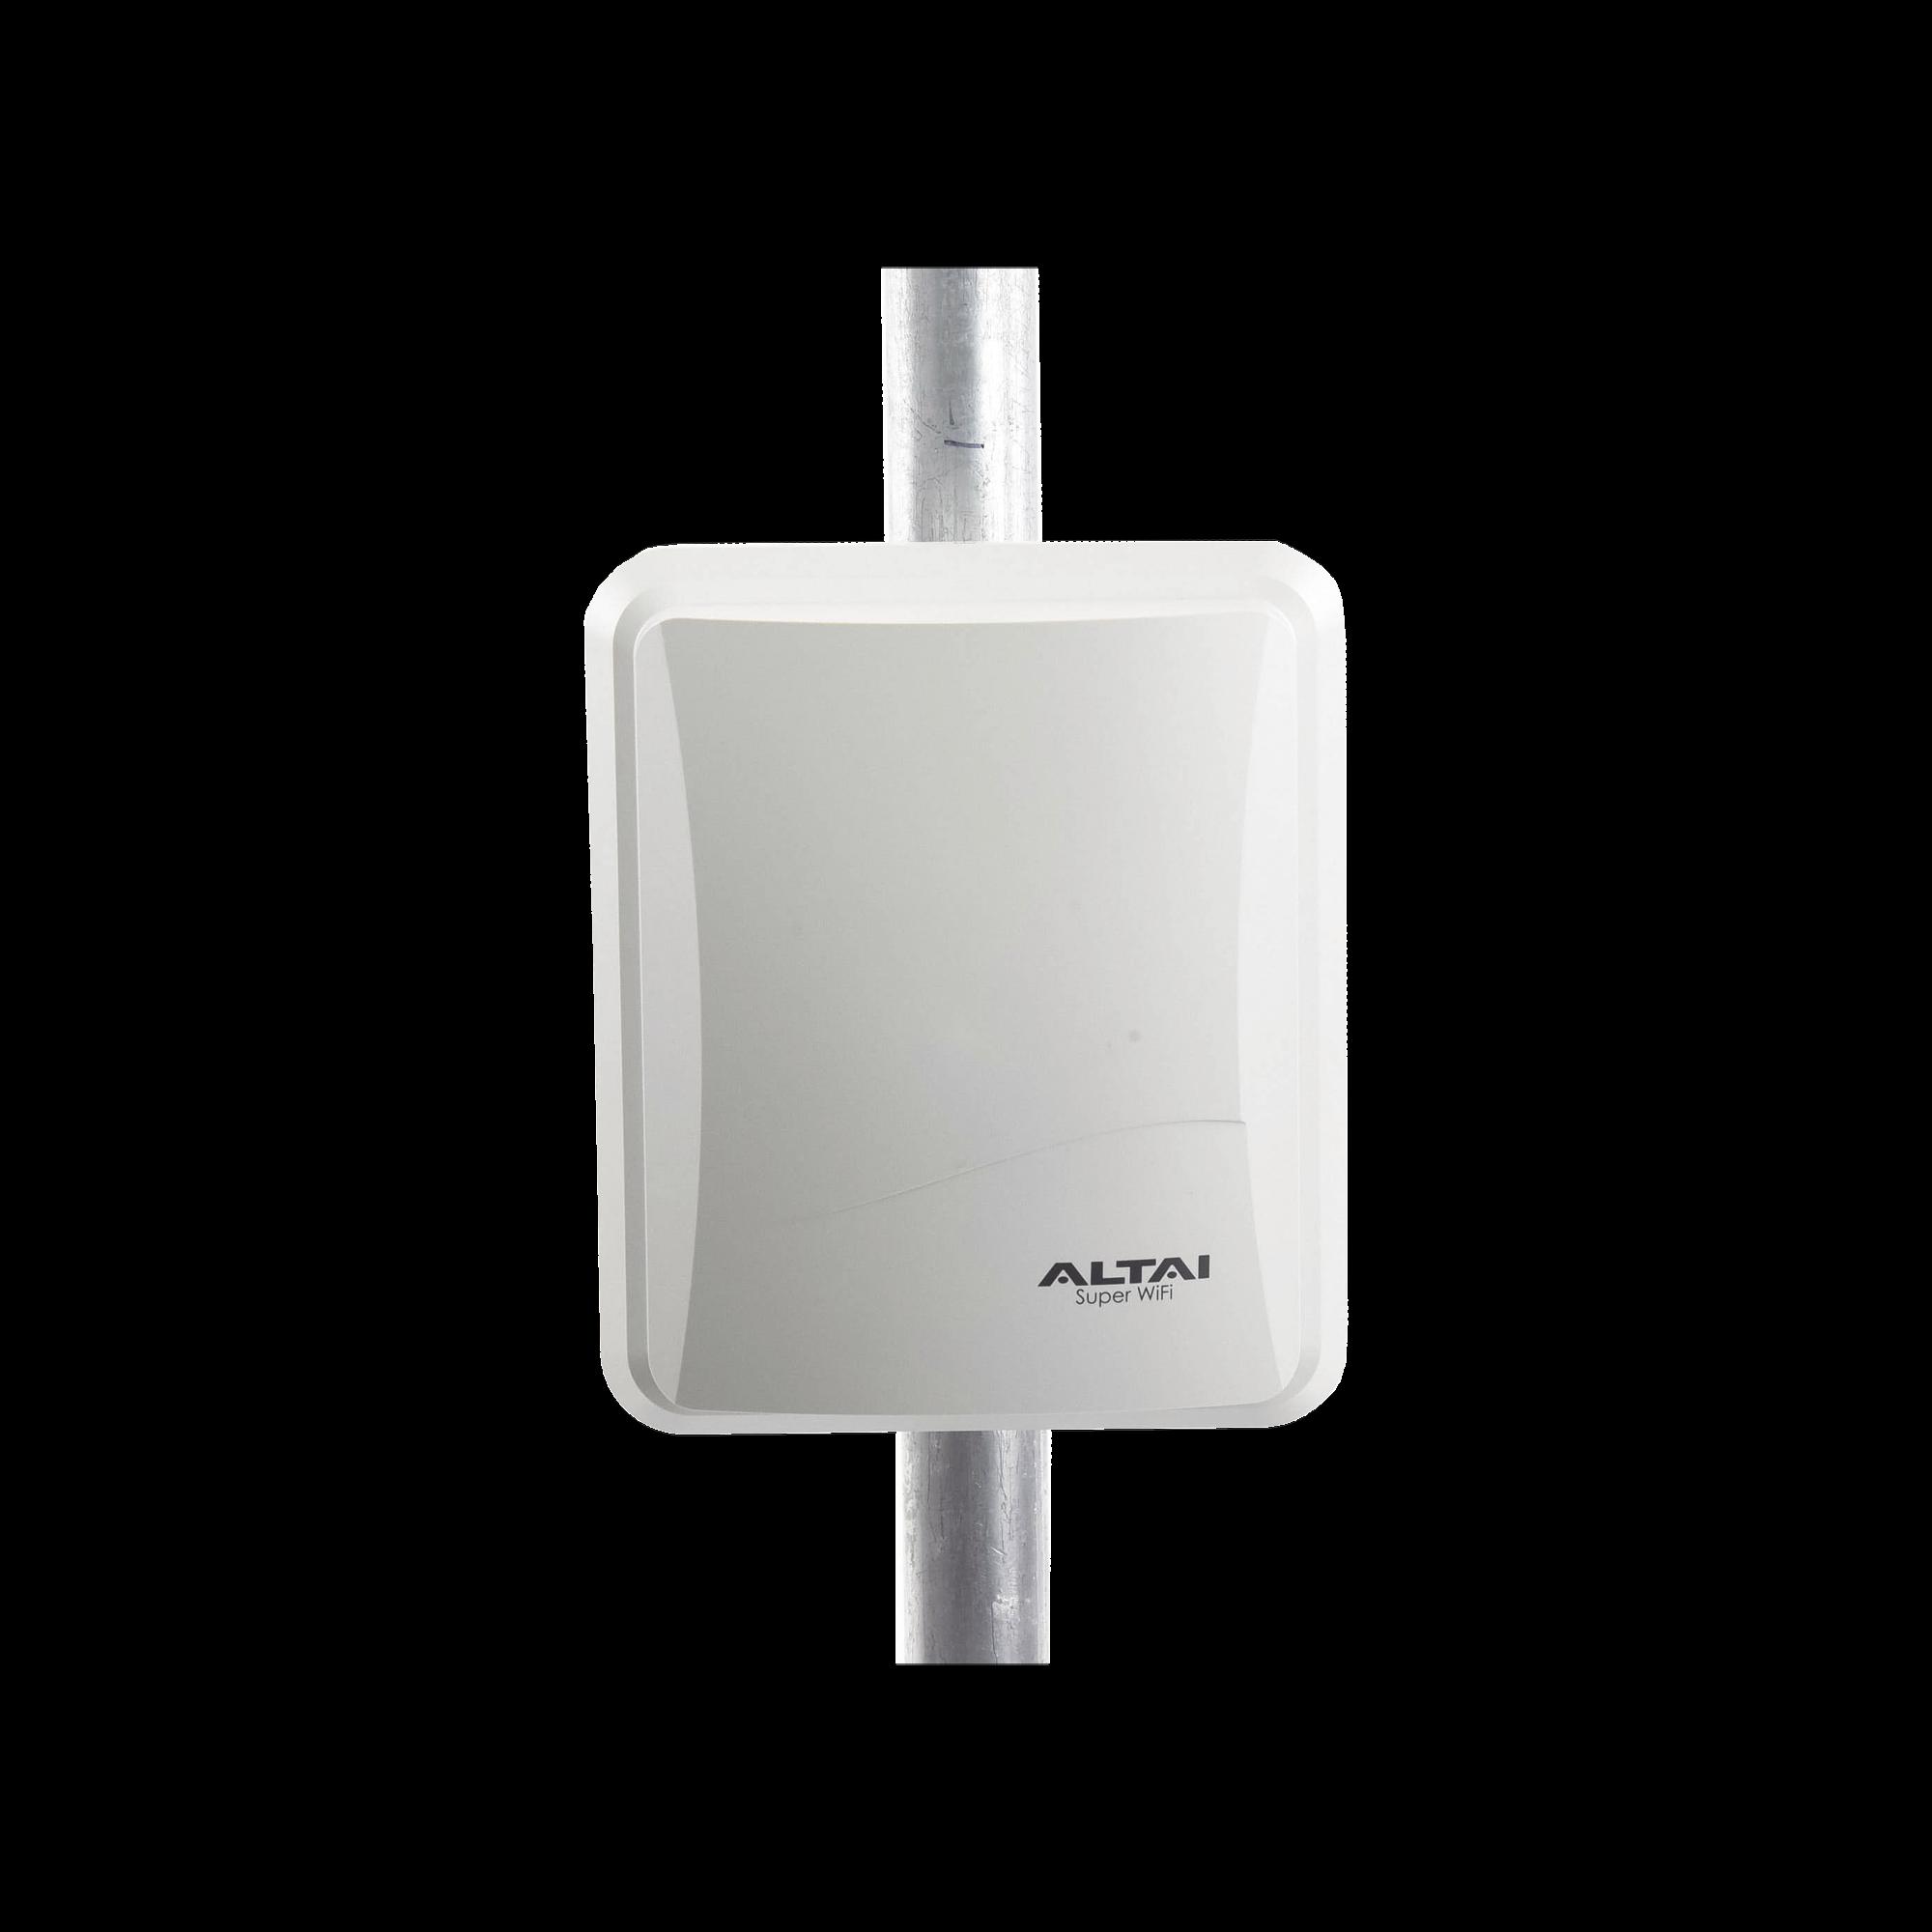 Punto de Acceso WiFi Omnidireccional 2.4/5.8 GHz Alta Capacidad para Exterior 512 Usuarios Concurrentes hasta 600m de cobertura radial